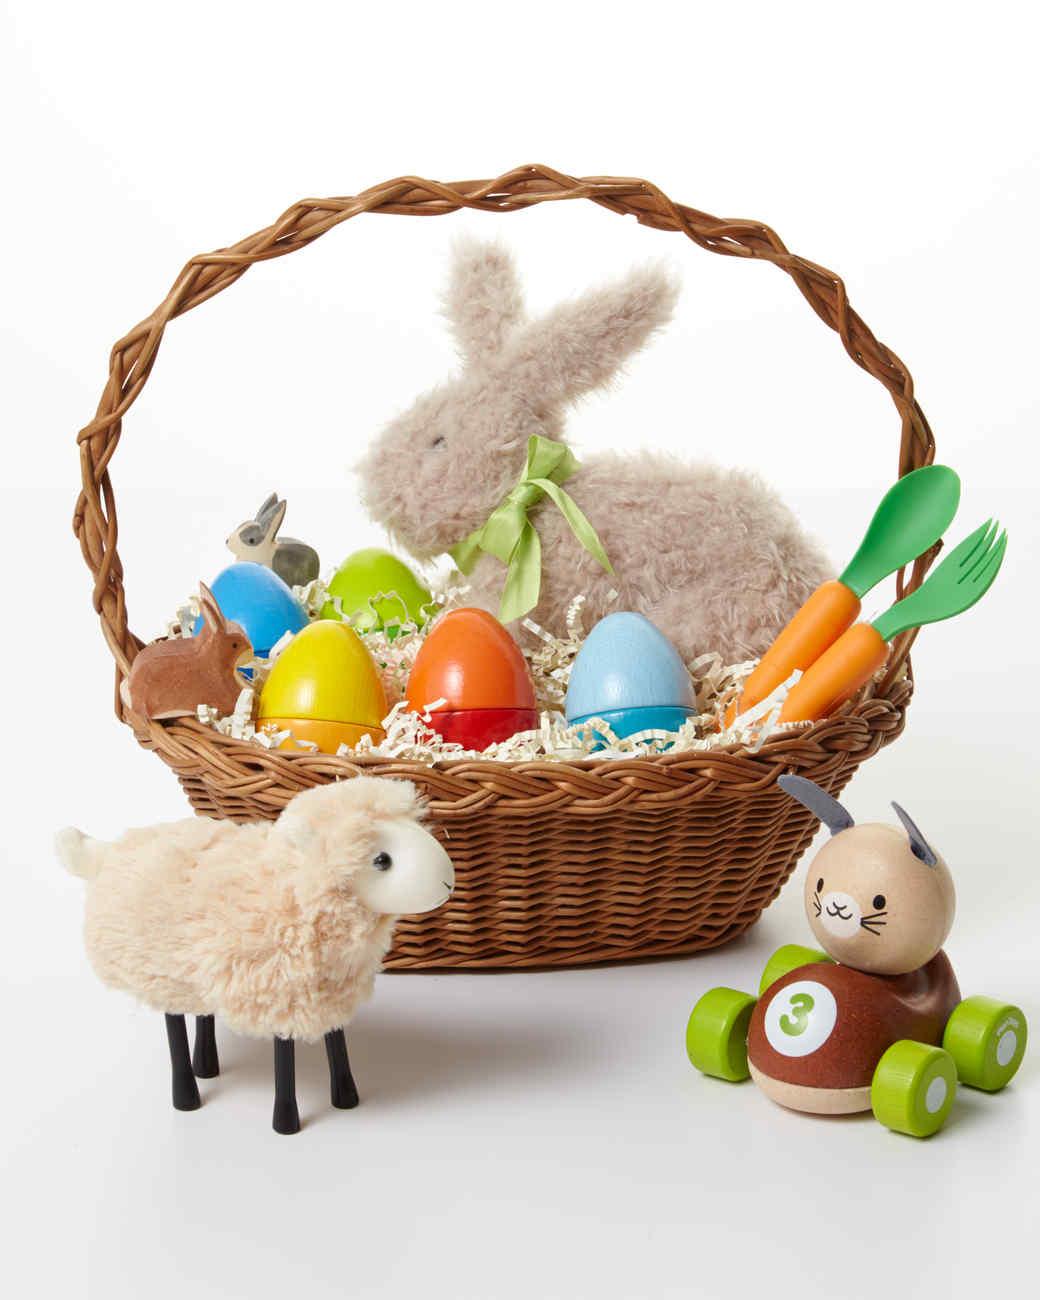 toddler-toy-easter-basket-2687-d112789-0116.jpg